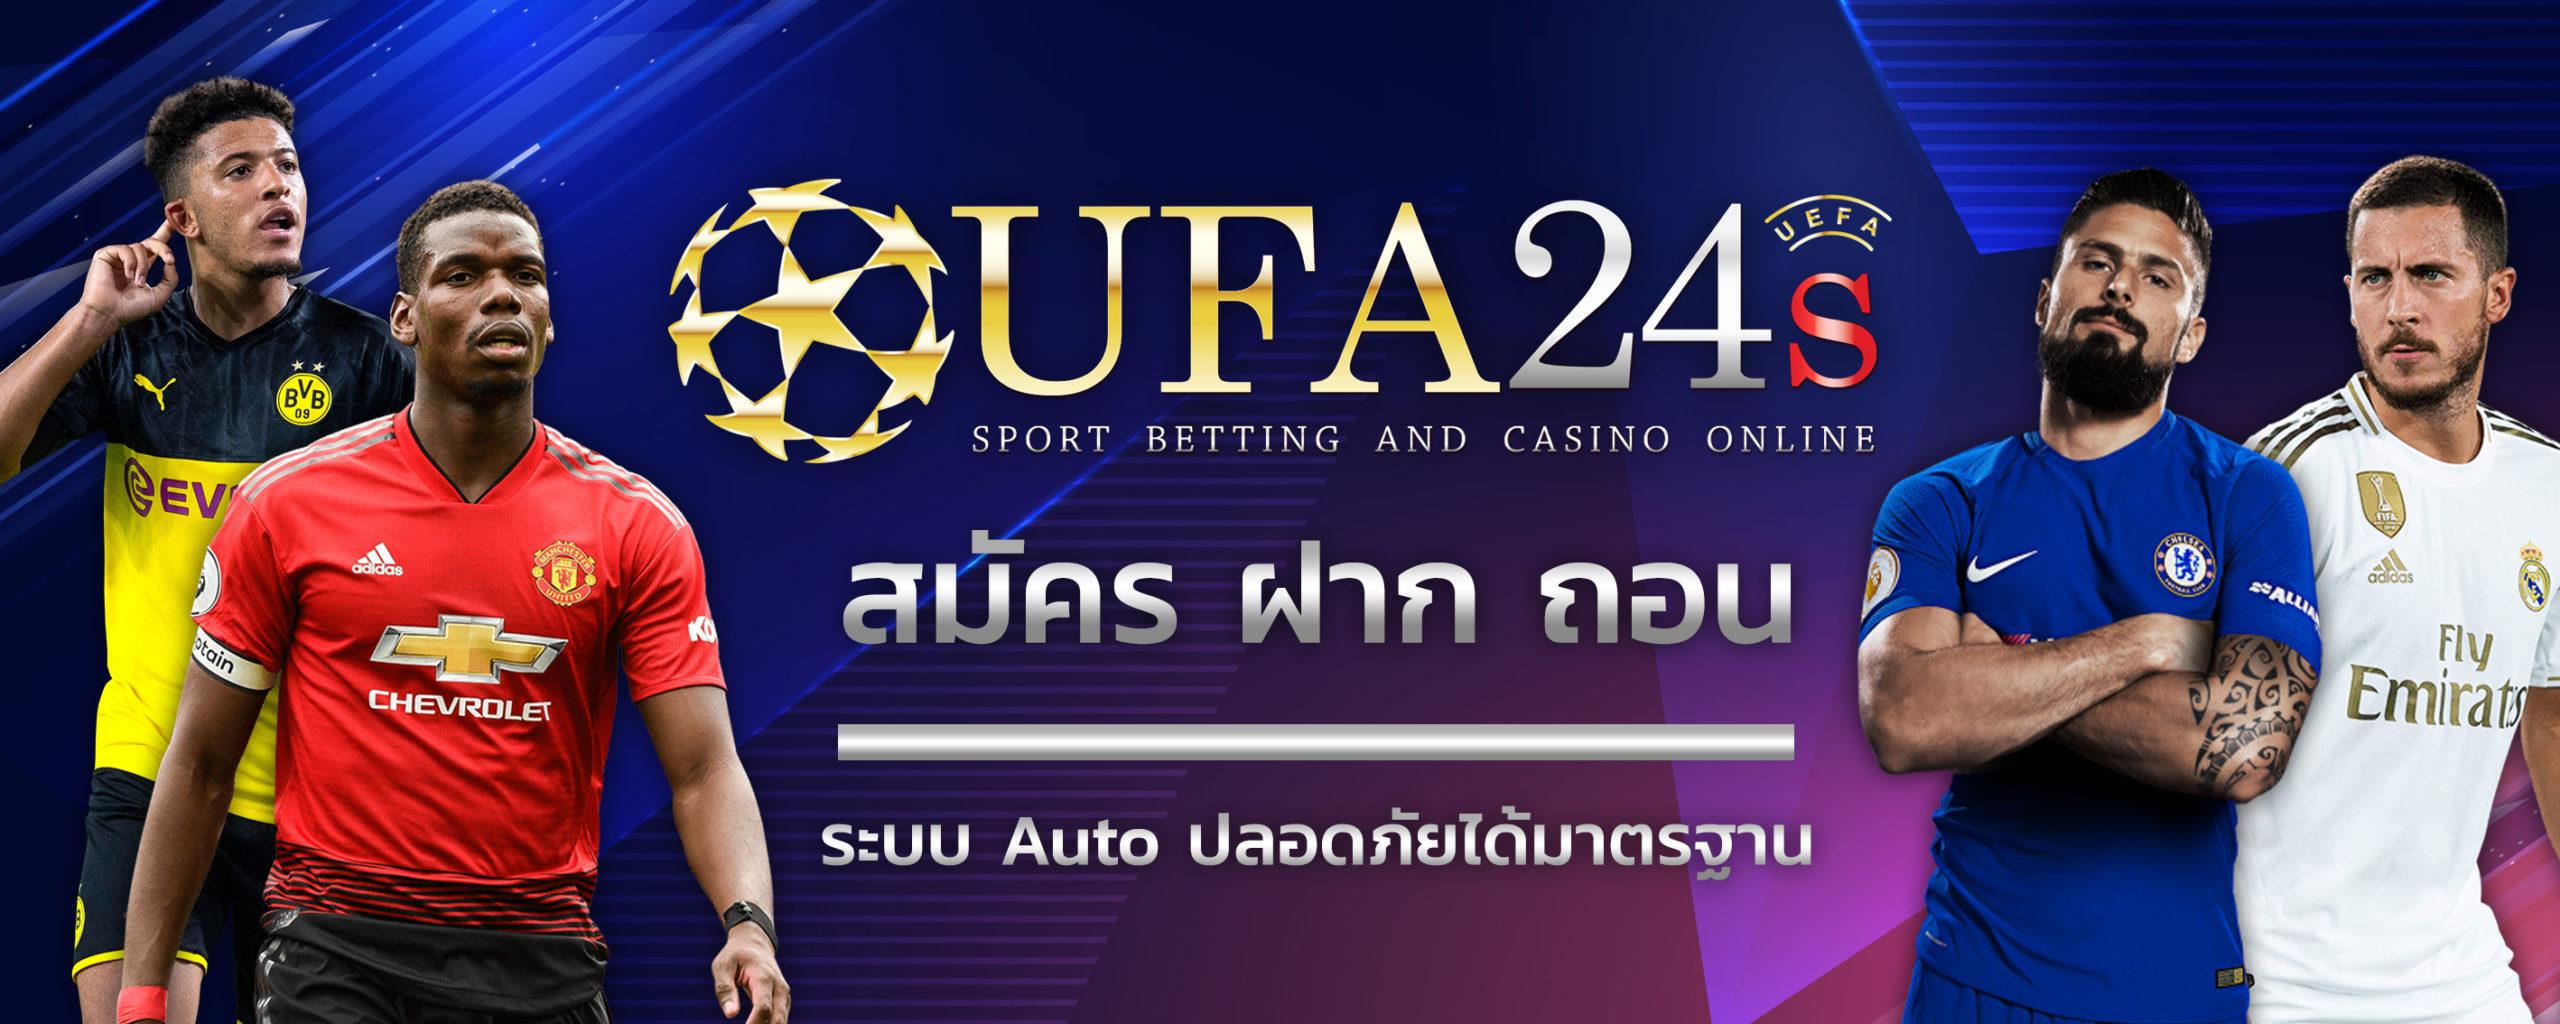 ufa24s